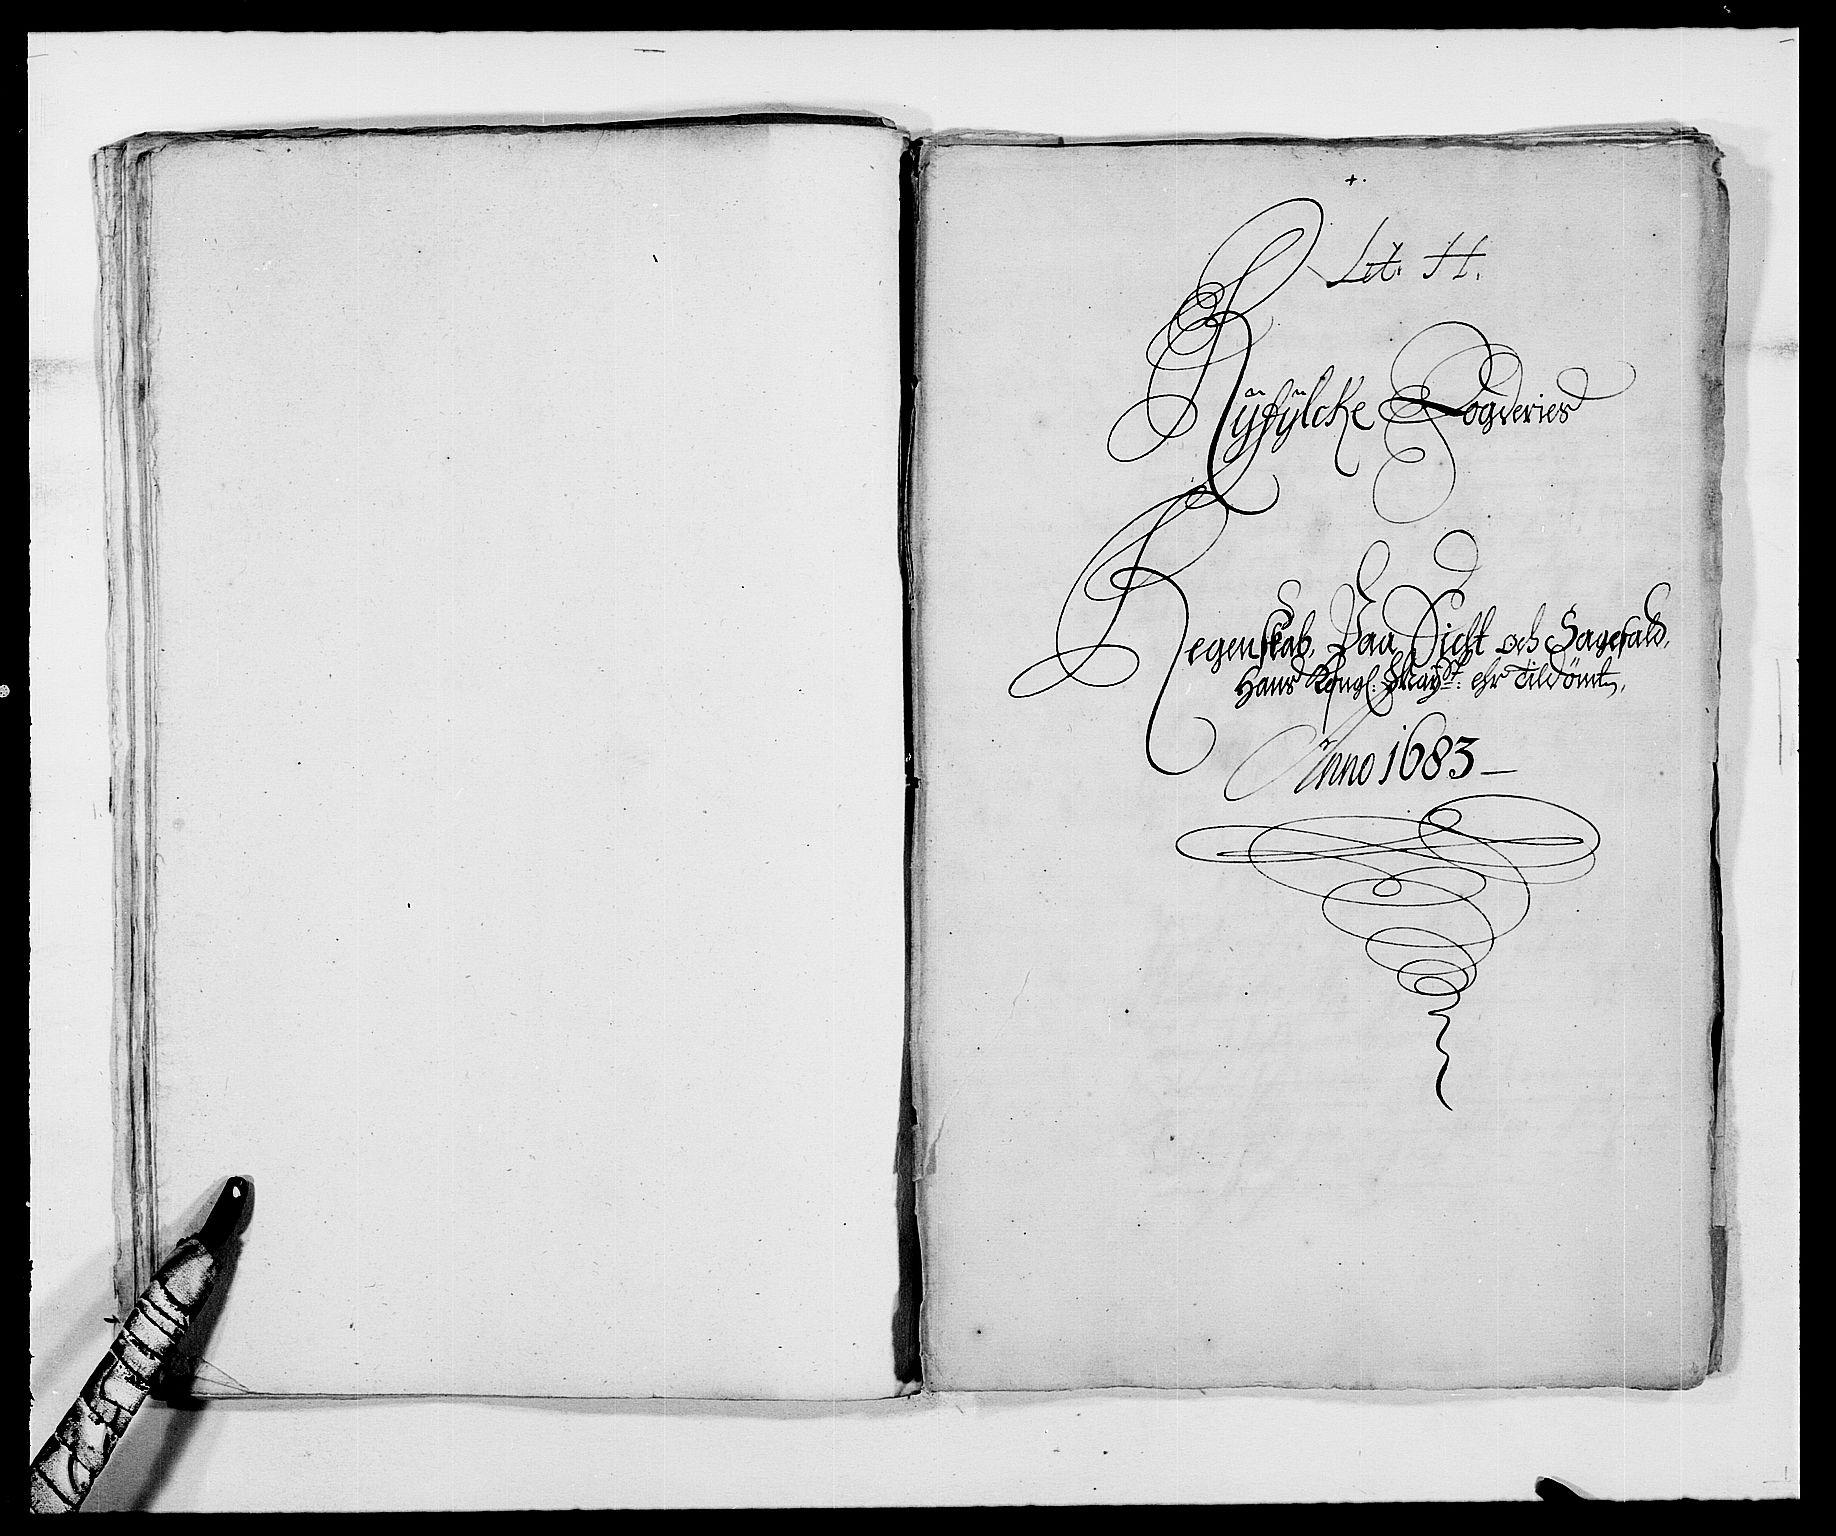 RA, Rentekammeret inntil 1814, Reviderte regnskaper, Fogderegnskap, R47/L2853: Fogderegnskap Ryfylke, 1682-1683, s. 256